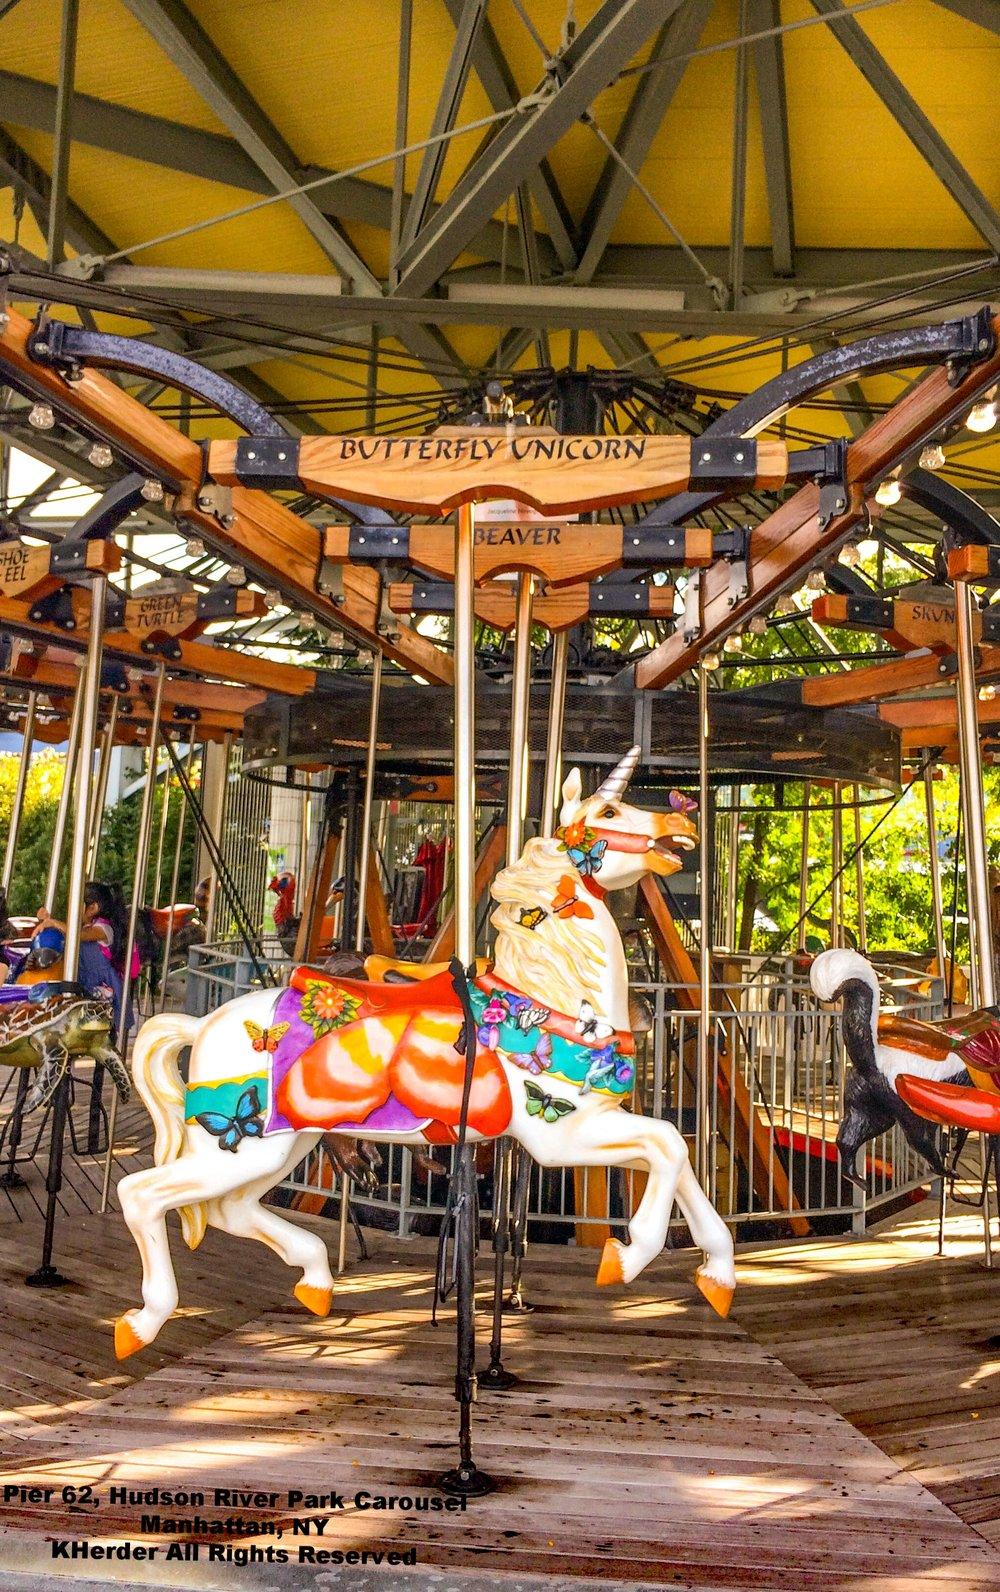 hudson river park carousel- butterfly unicorn.jpg